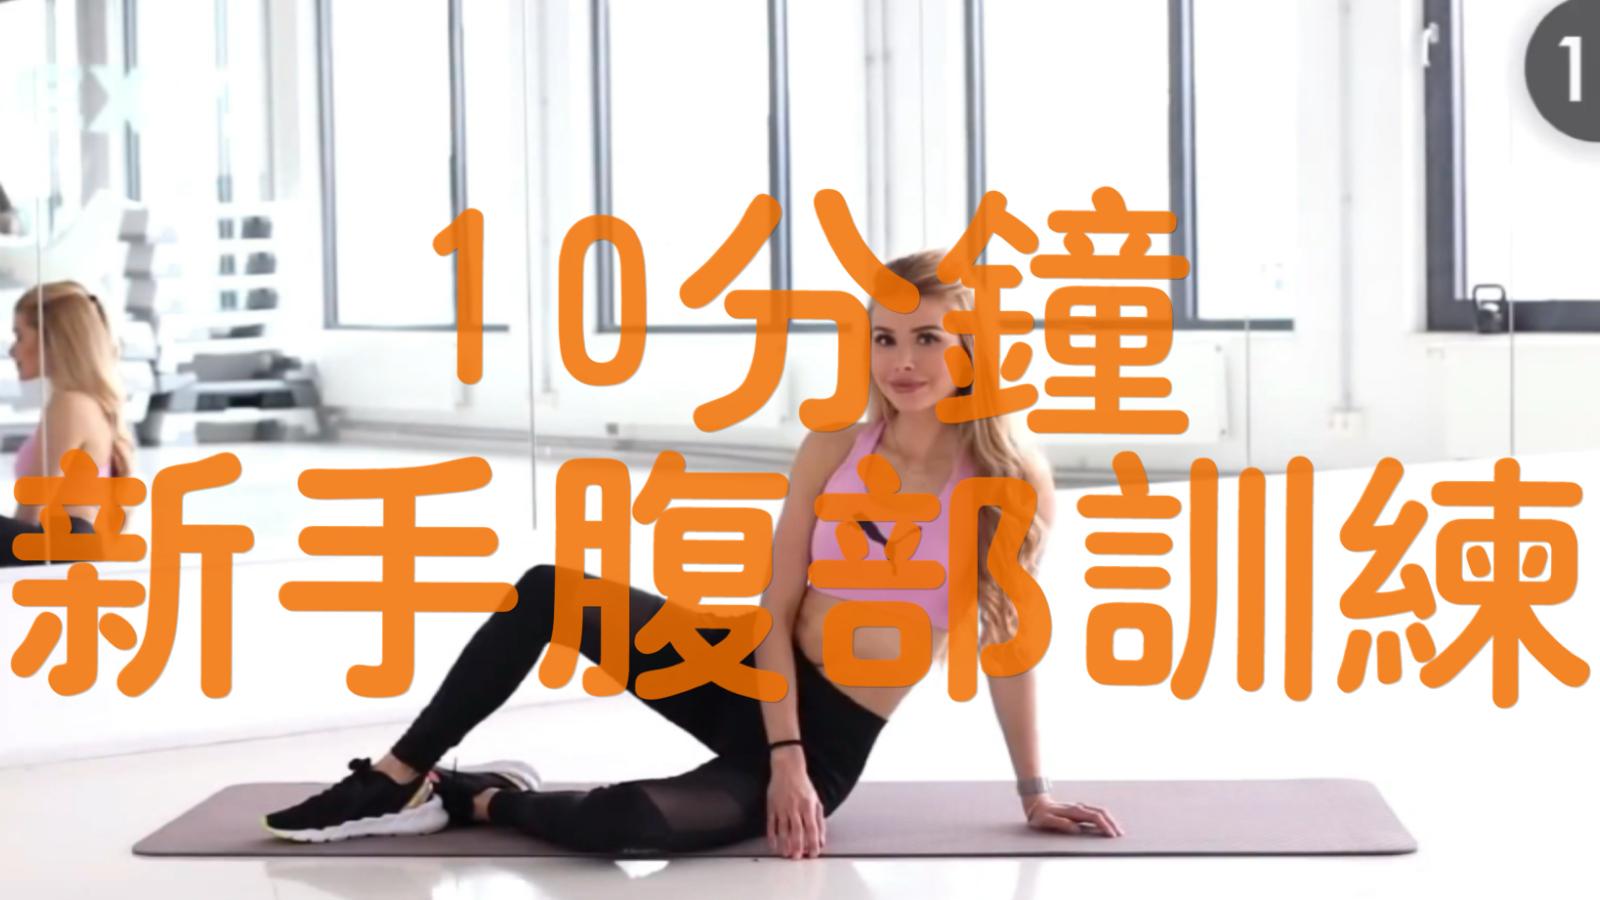 【自用分享】帕梅拉 10分钟新手腹部训练,容易上手,操作简单!